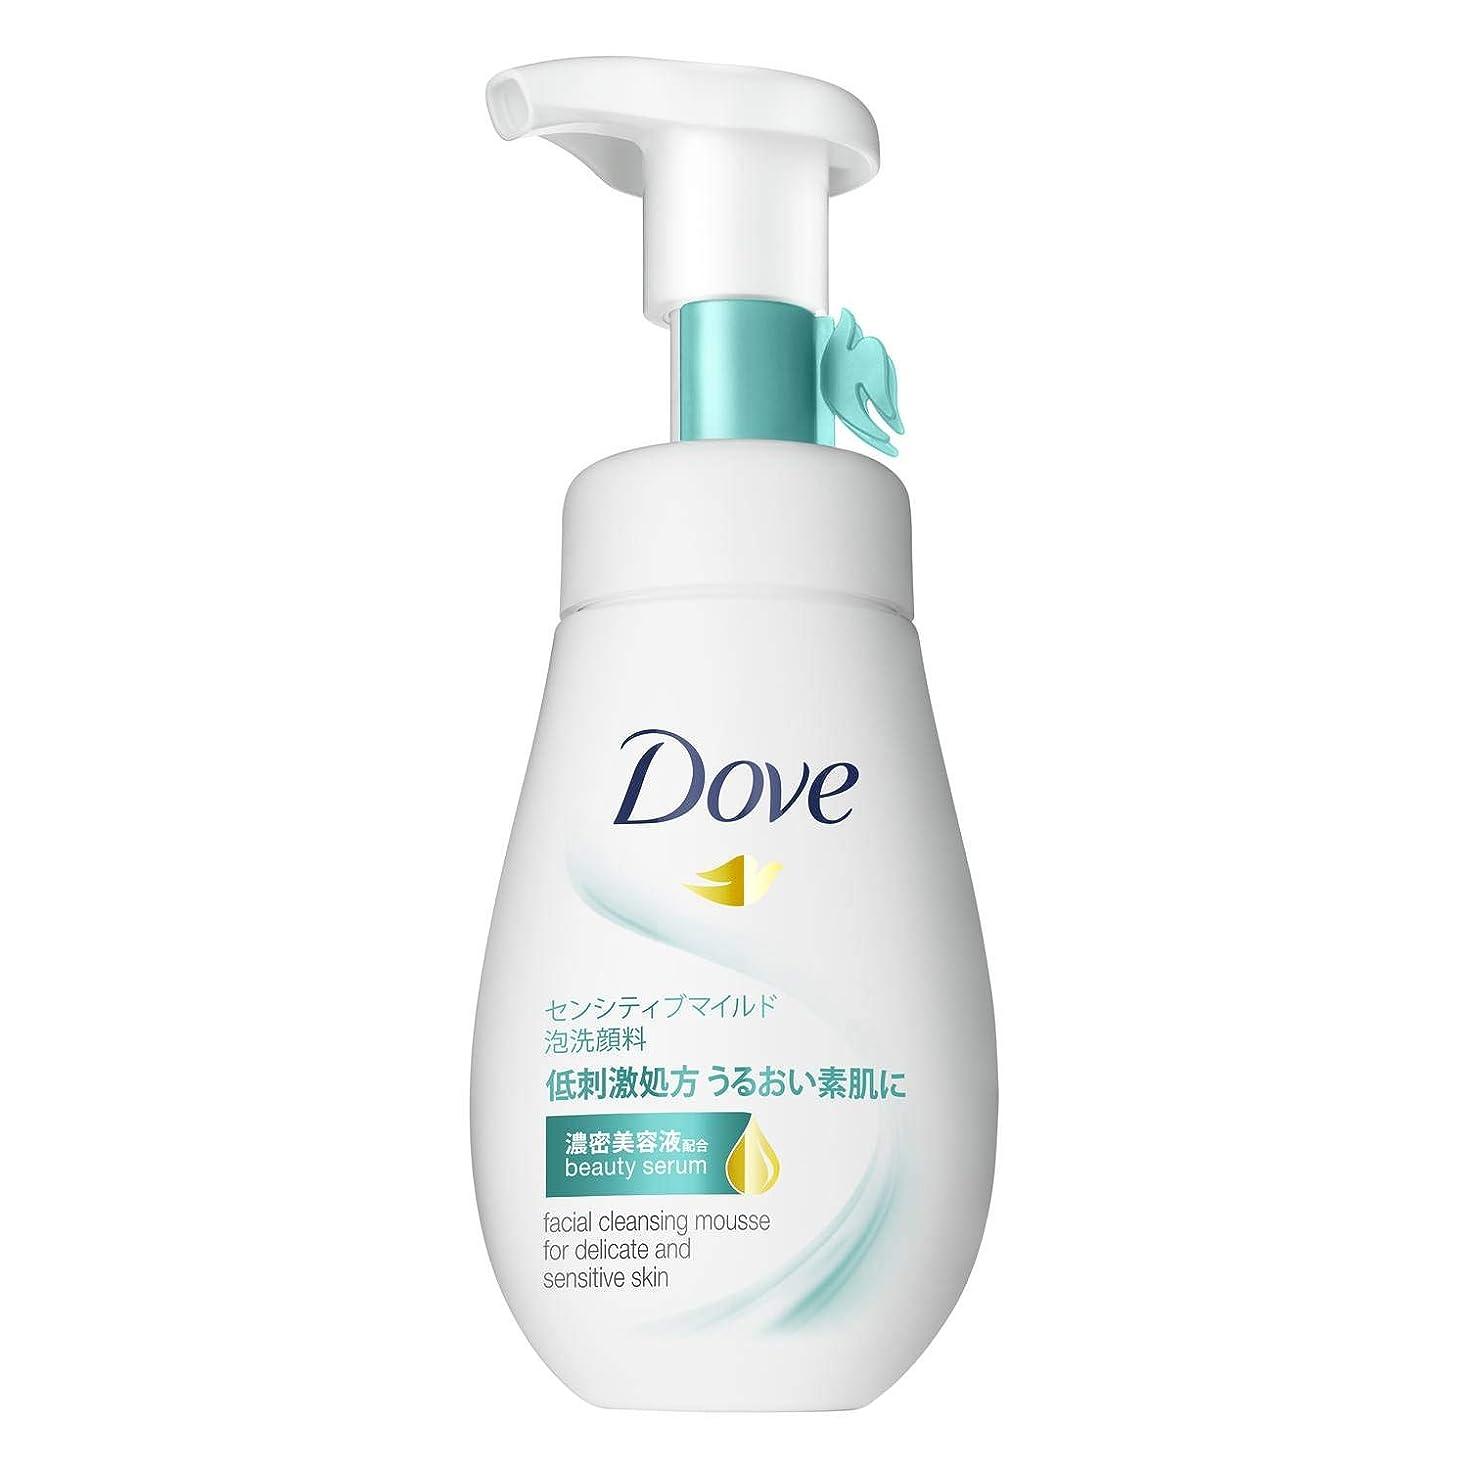 夢中感染する現実的ダヴ センシティブマイルド クリーミー泡洗顔料 敏感肌用 160mL